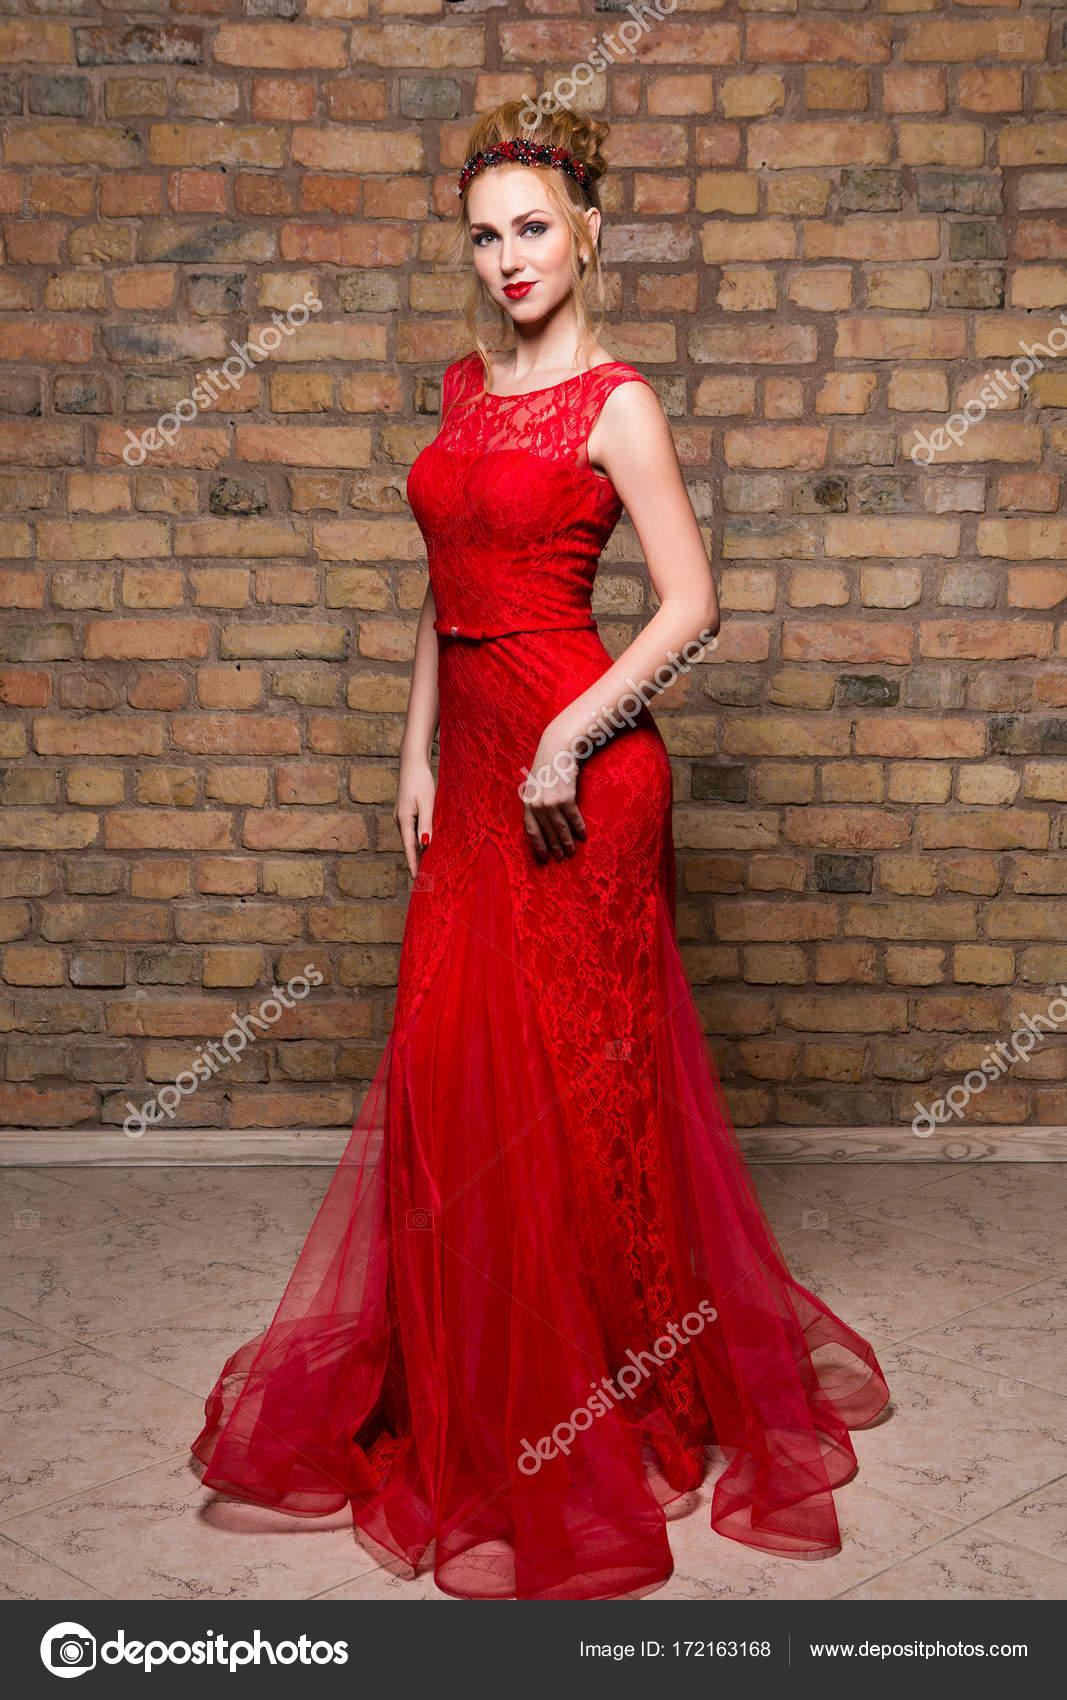 Rode Trouwjurk.Mooi Meisje In Trouwjurk Stockfoto C Svetography 172163168